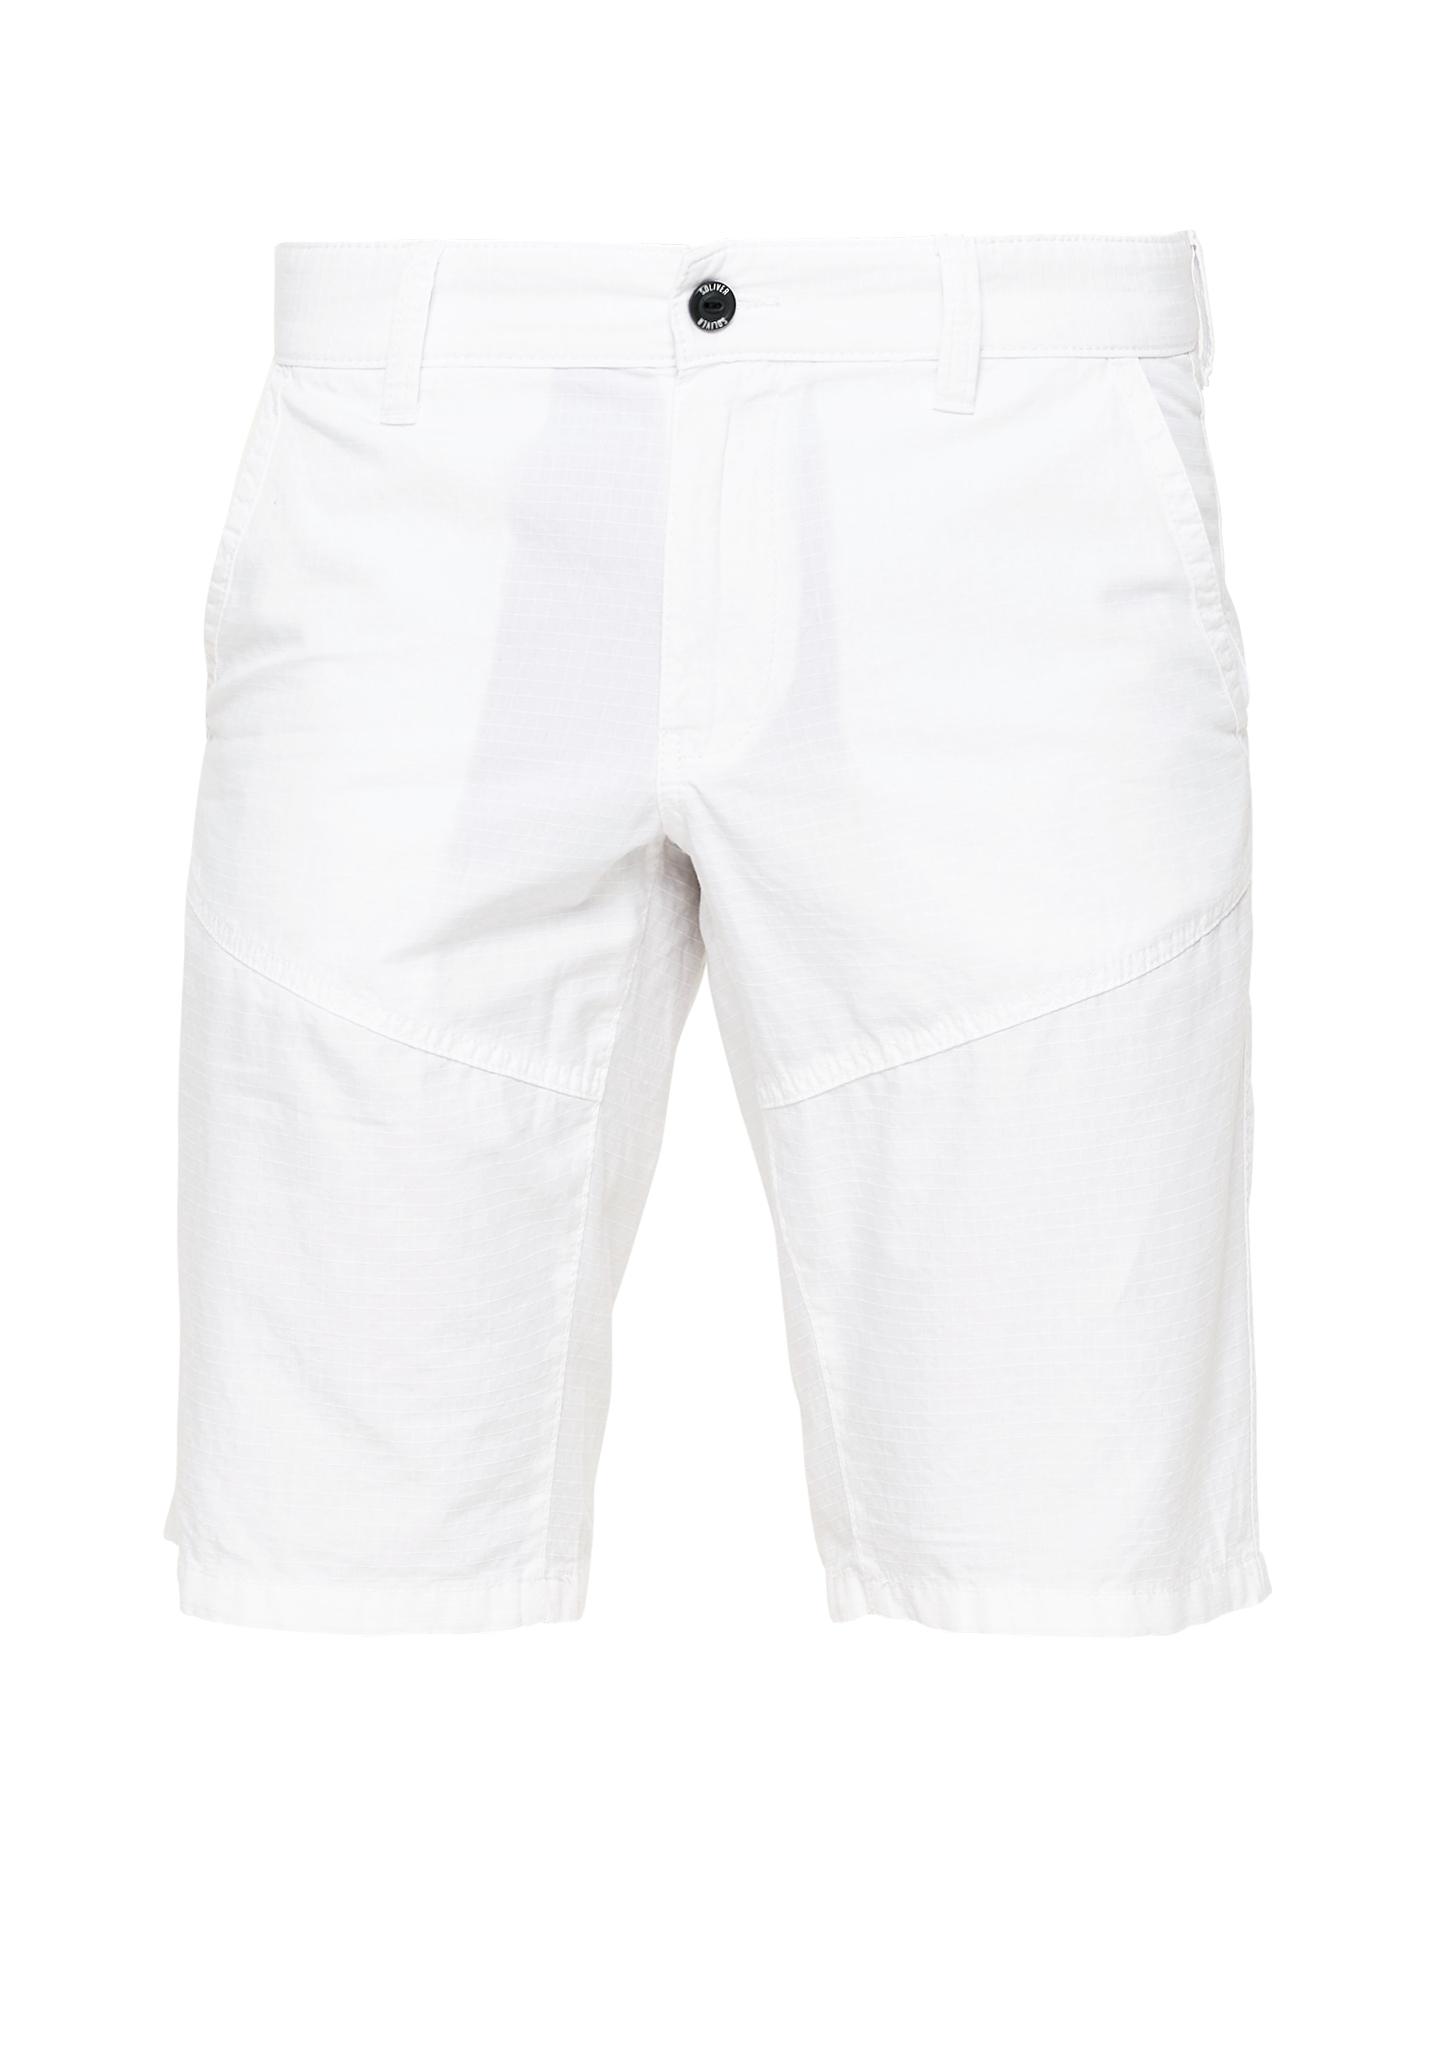 Bermudas | Bekleidung > Shorts & Bermudas | s.Oliver